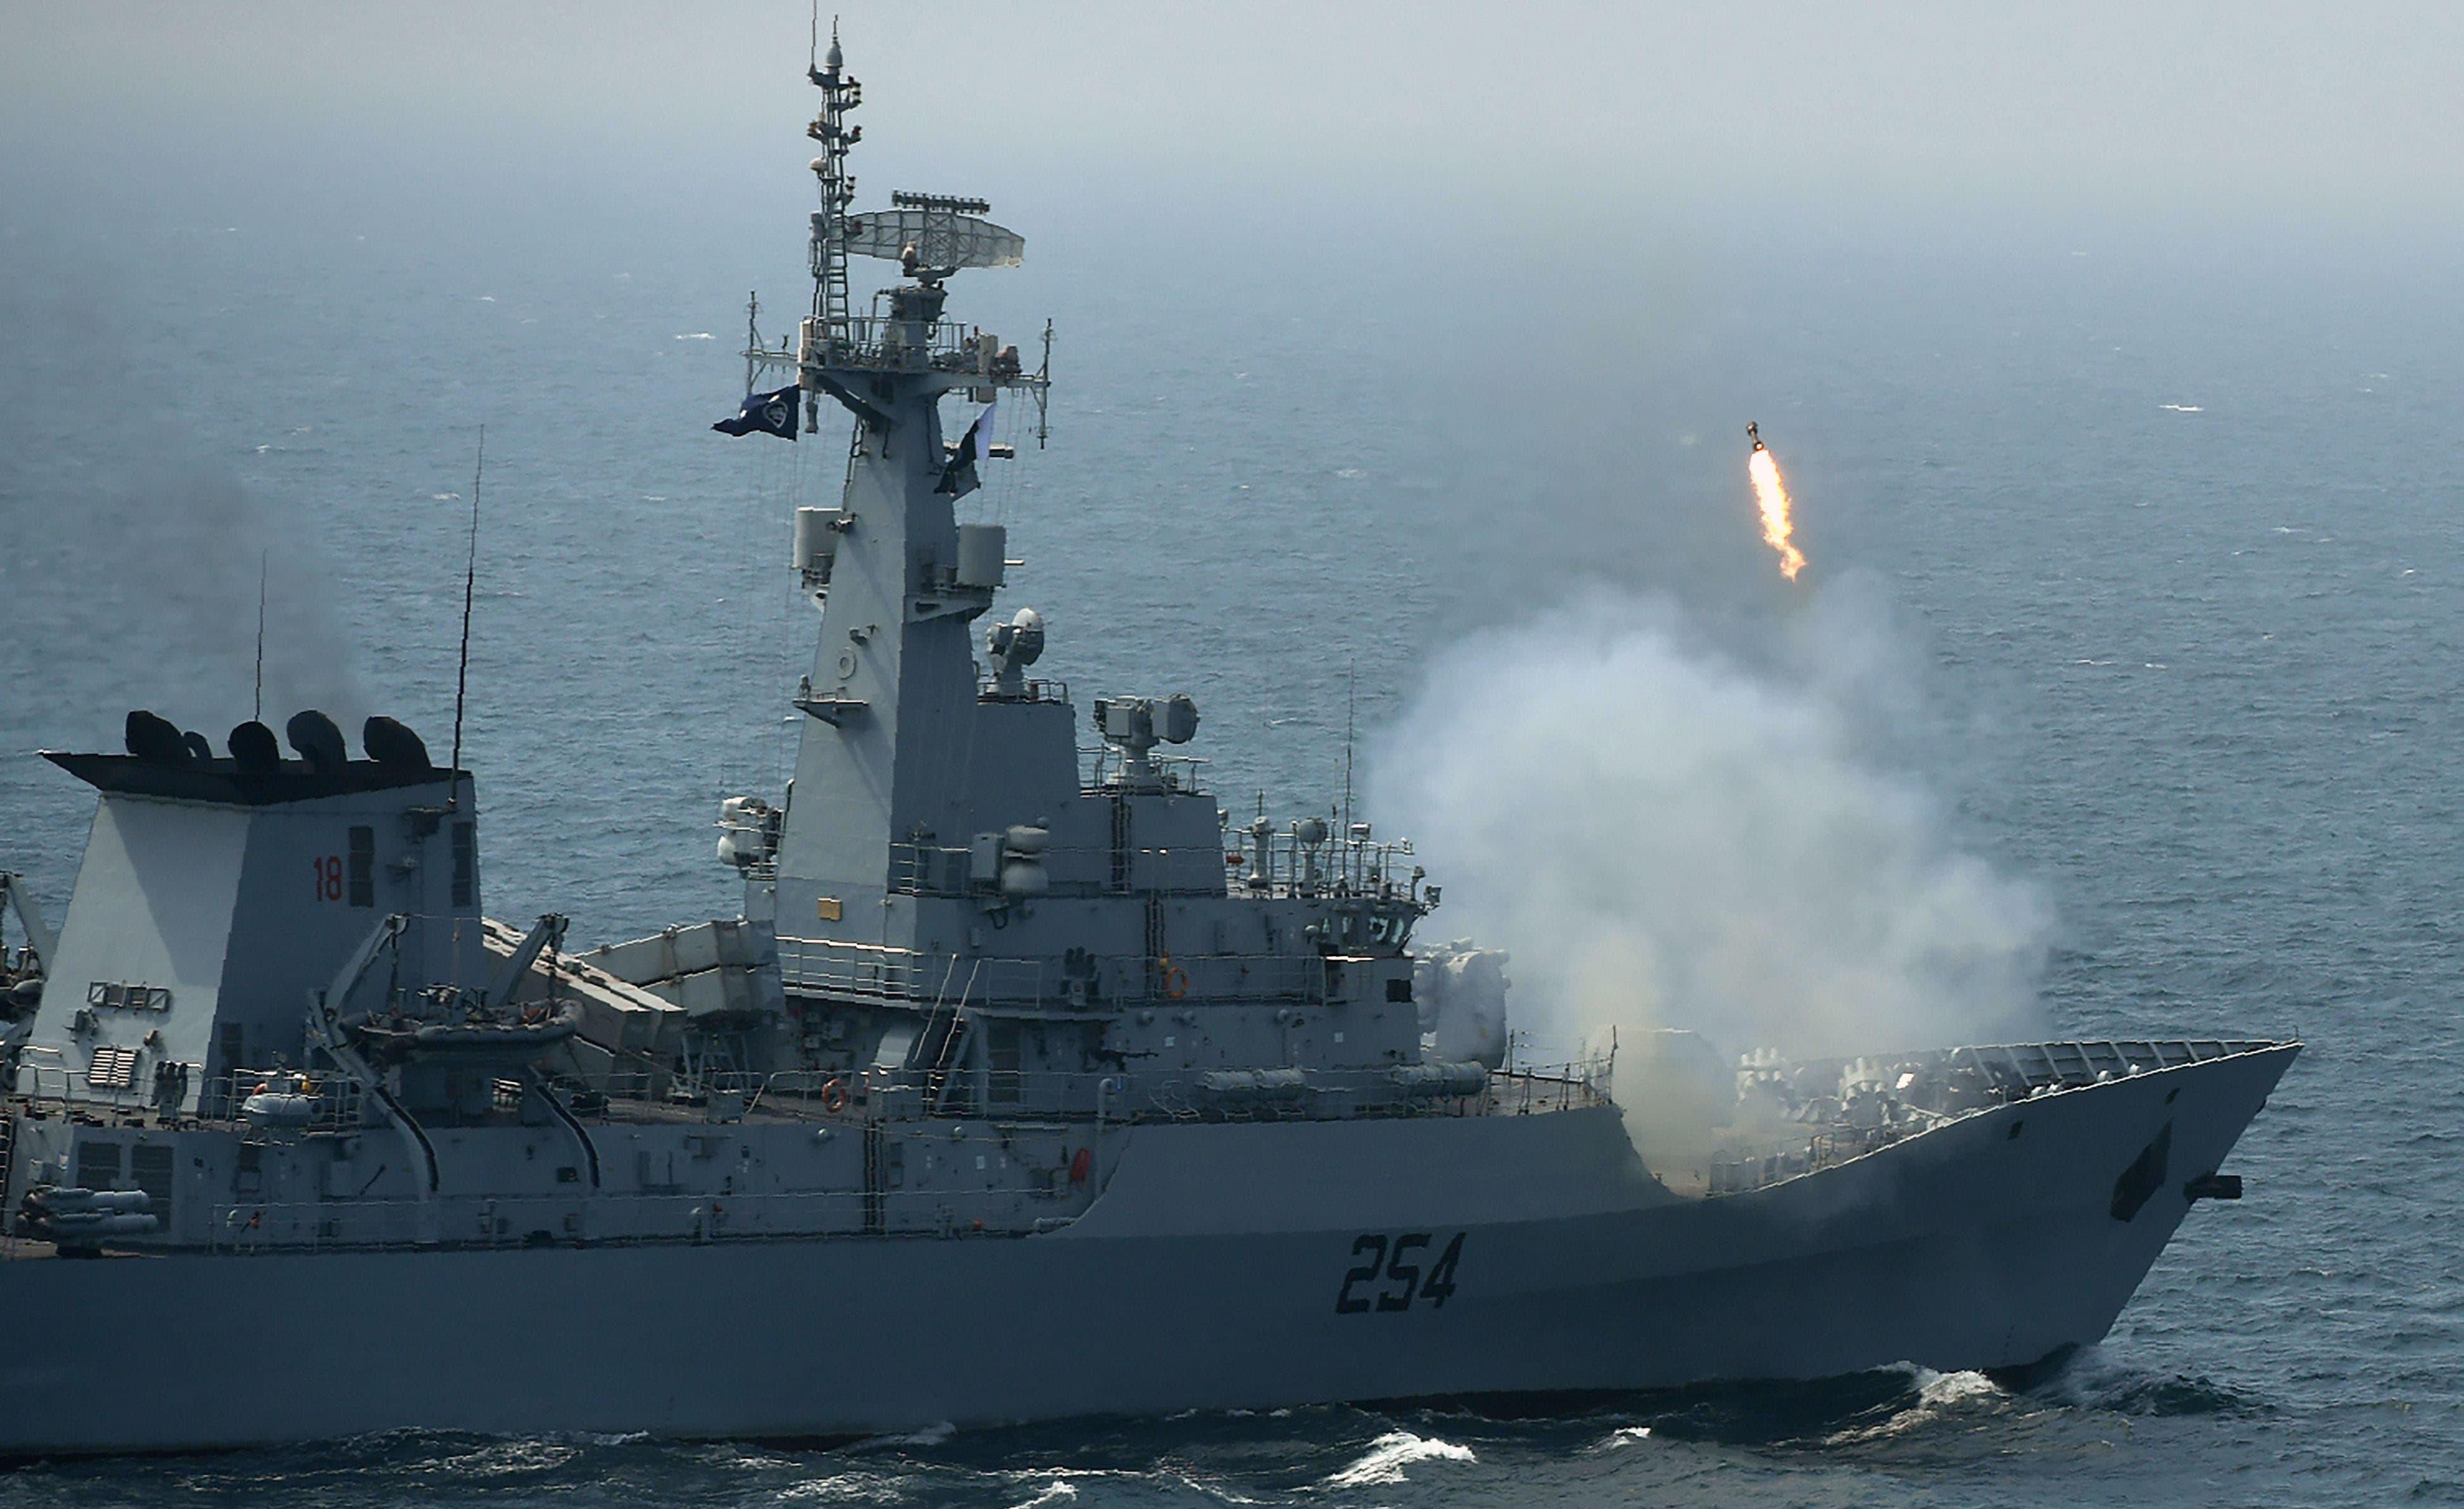 پاک بحریہ 2007 سے کثیرالملکی امن مشقوں کی میزبانی کررہی ہے—فوٹو/ اے ایف پی